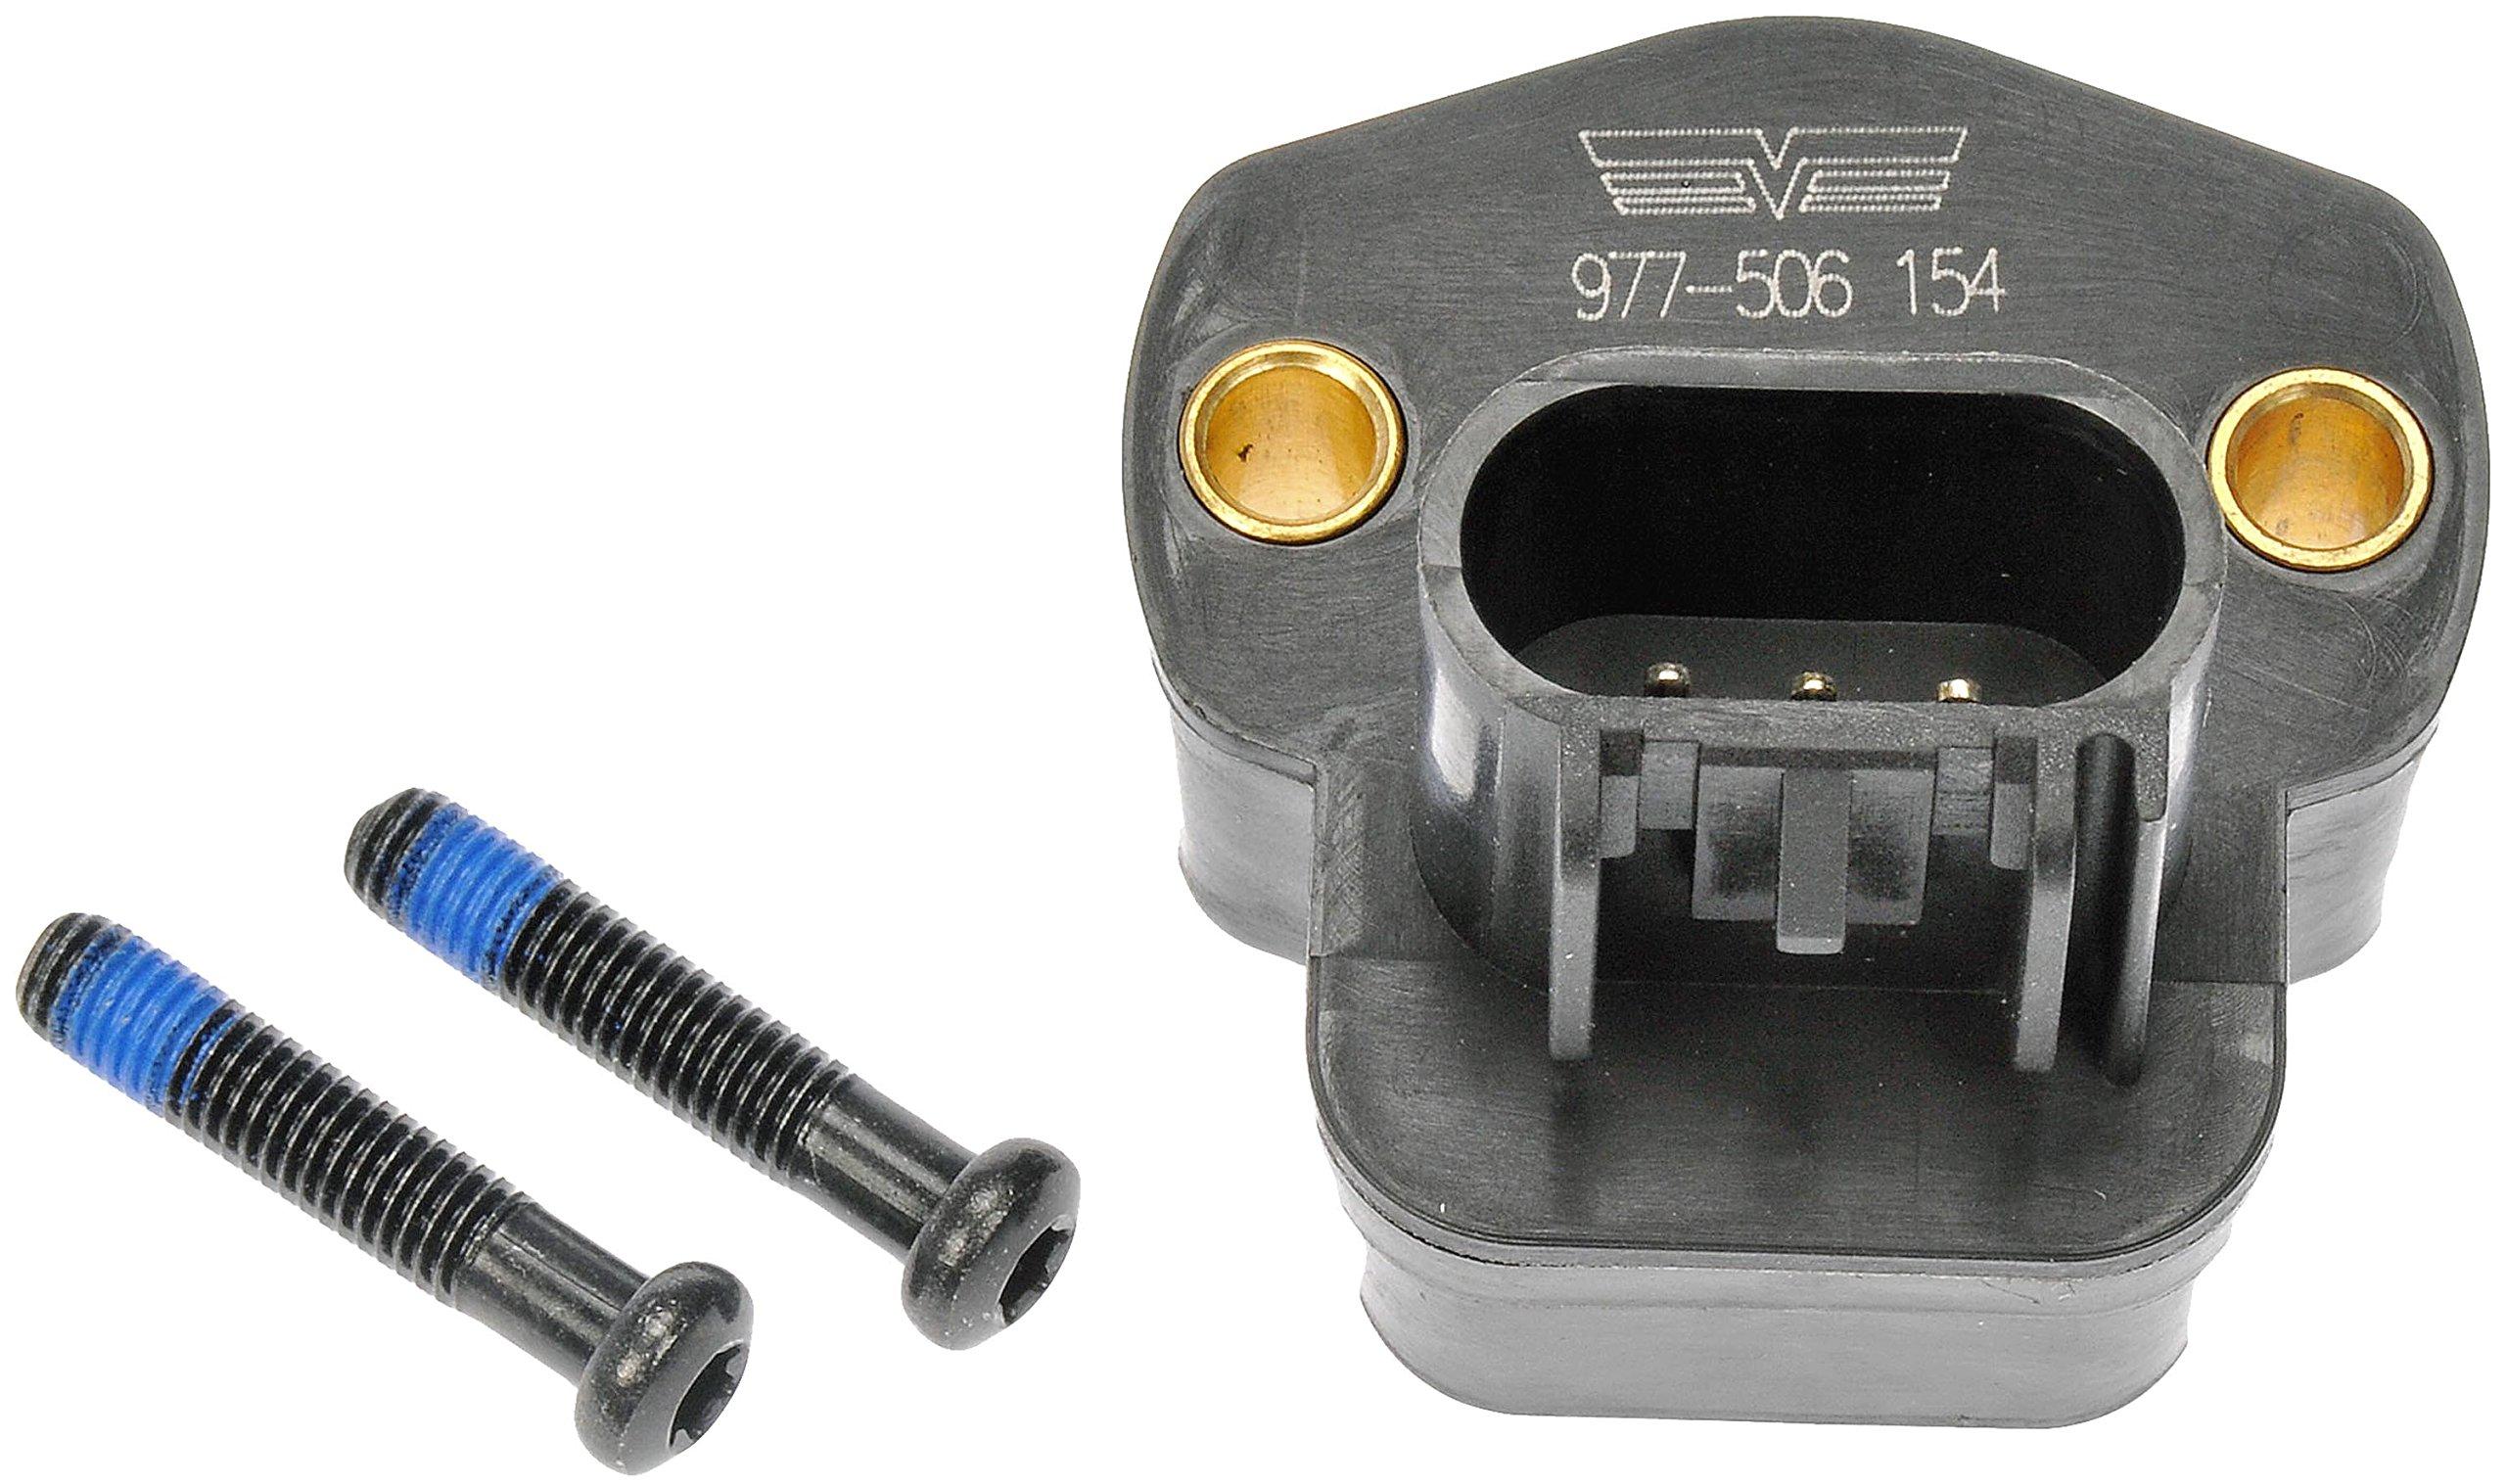 Dorman 977-506 Throttle Position Sensor